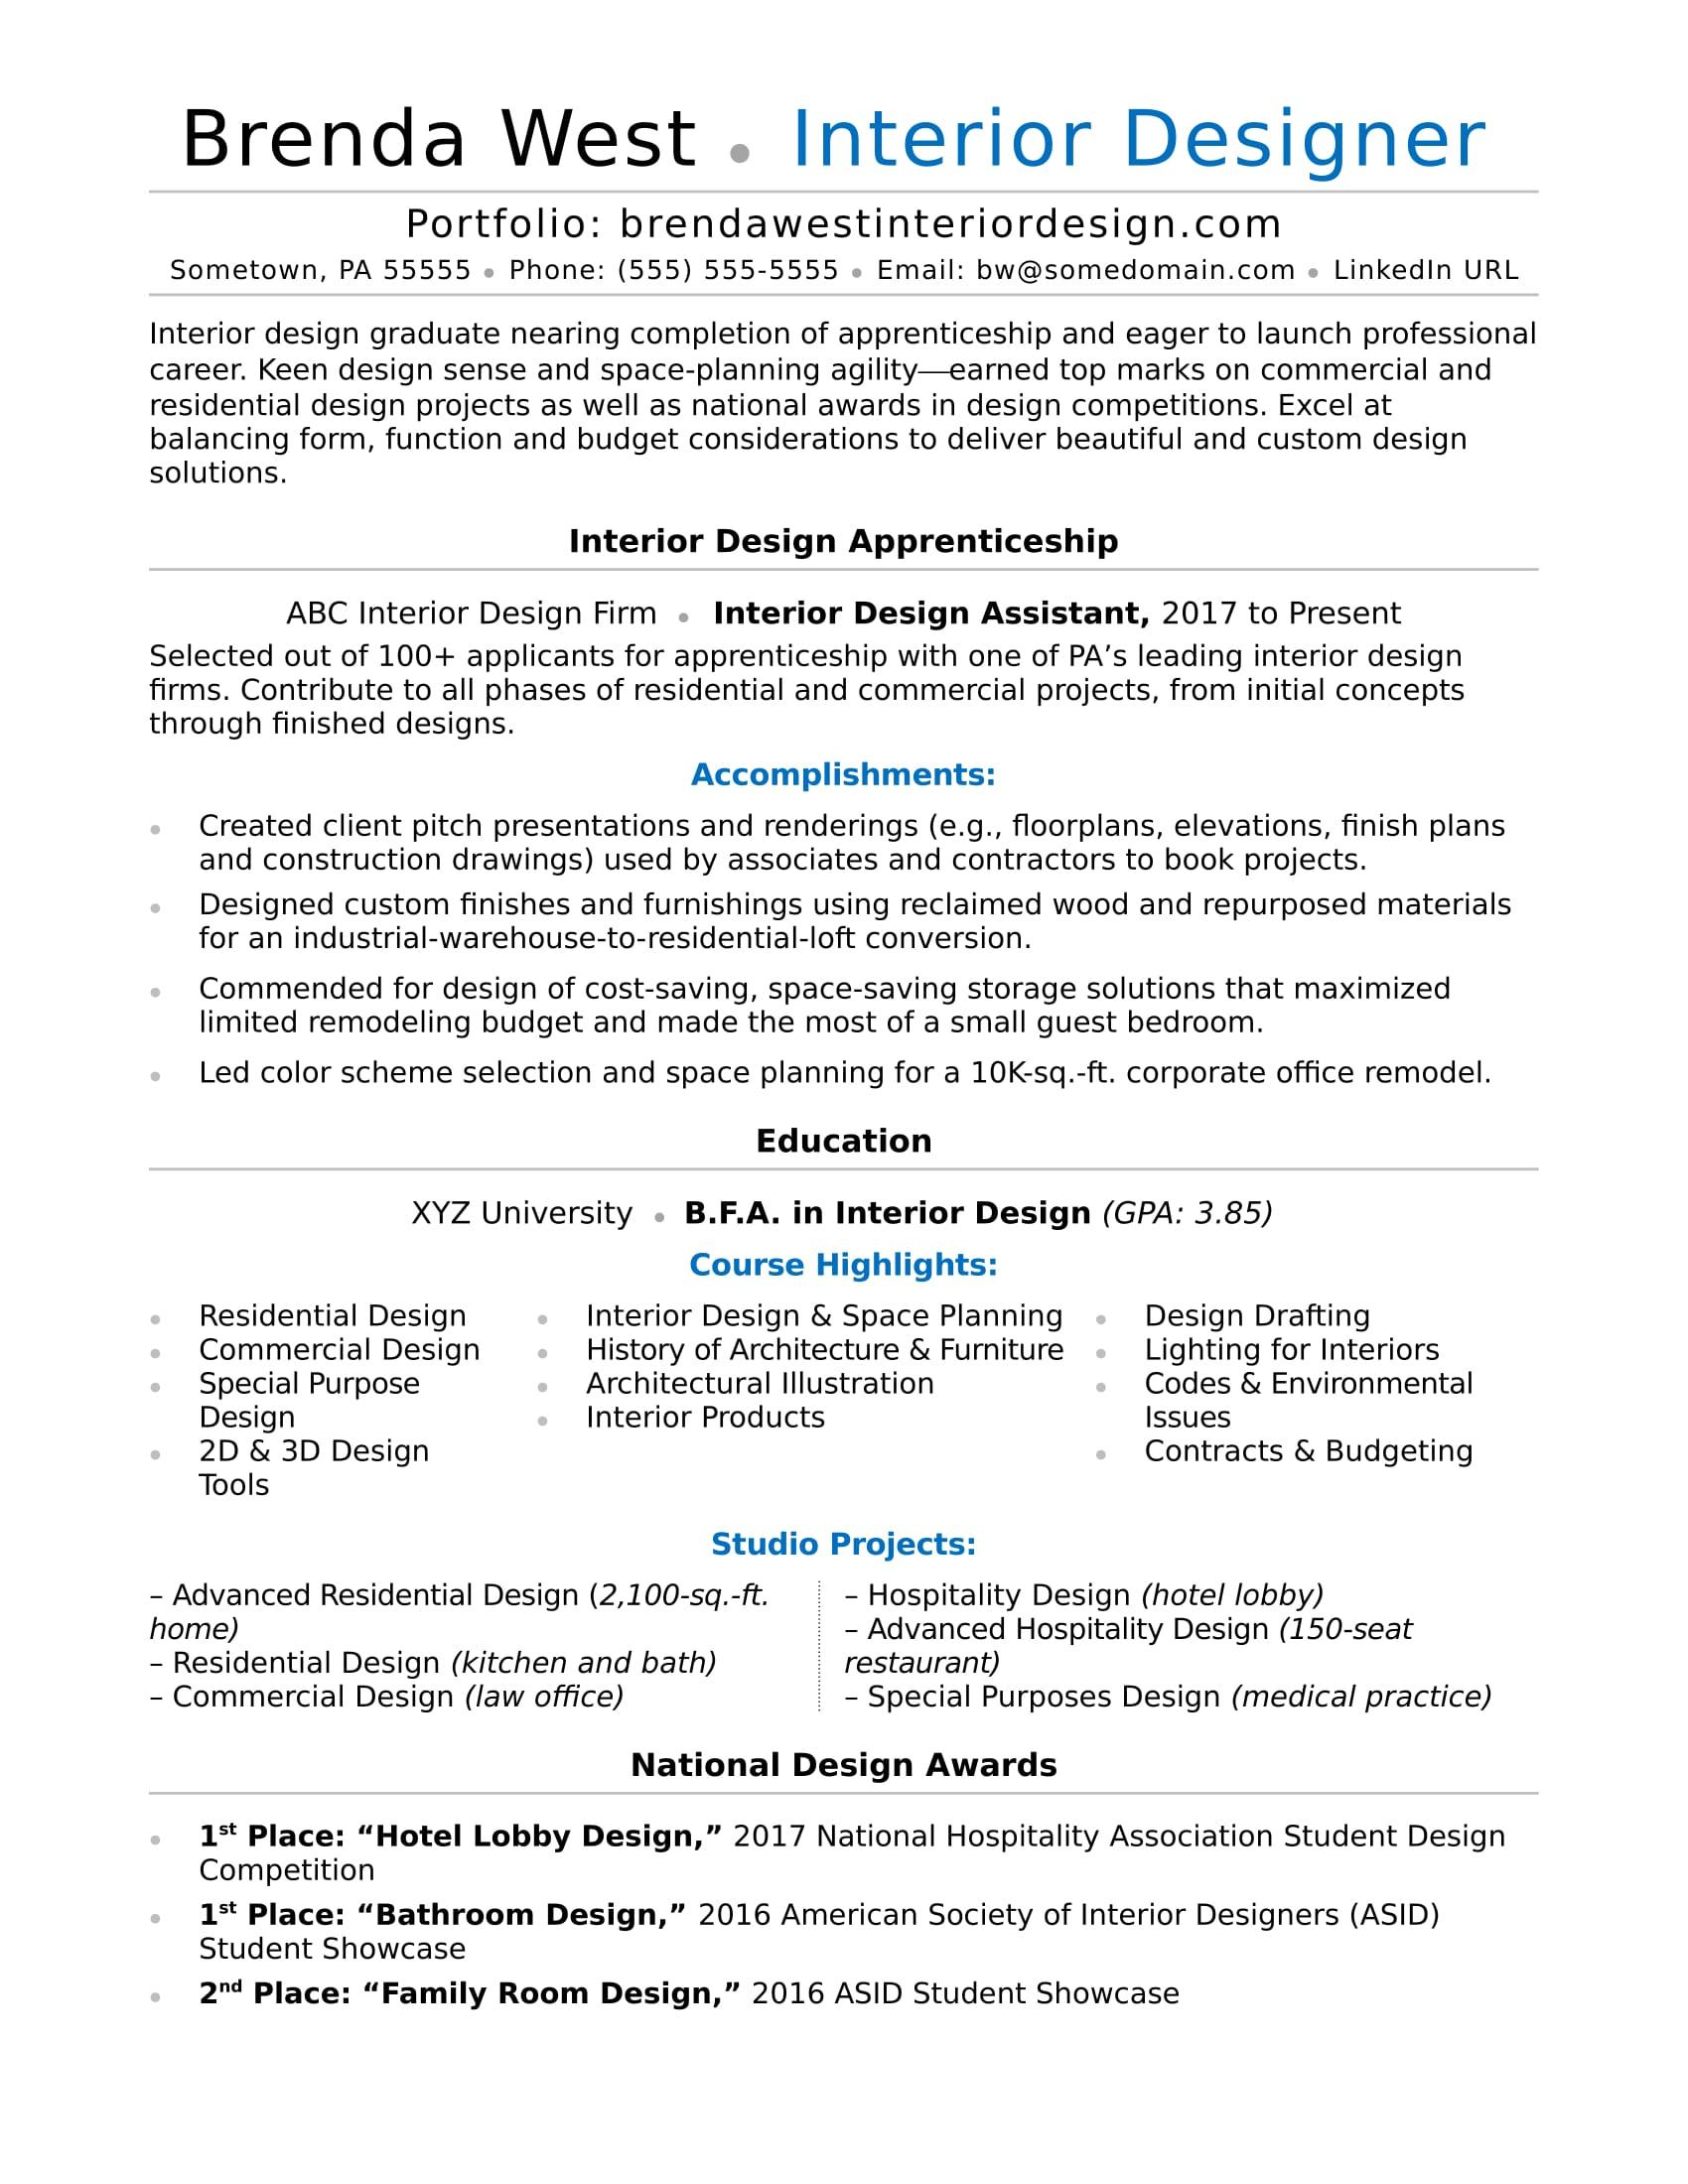 resume (curriculum) url